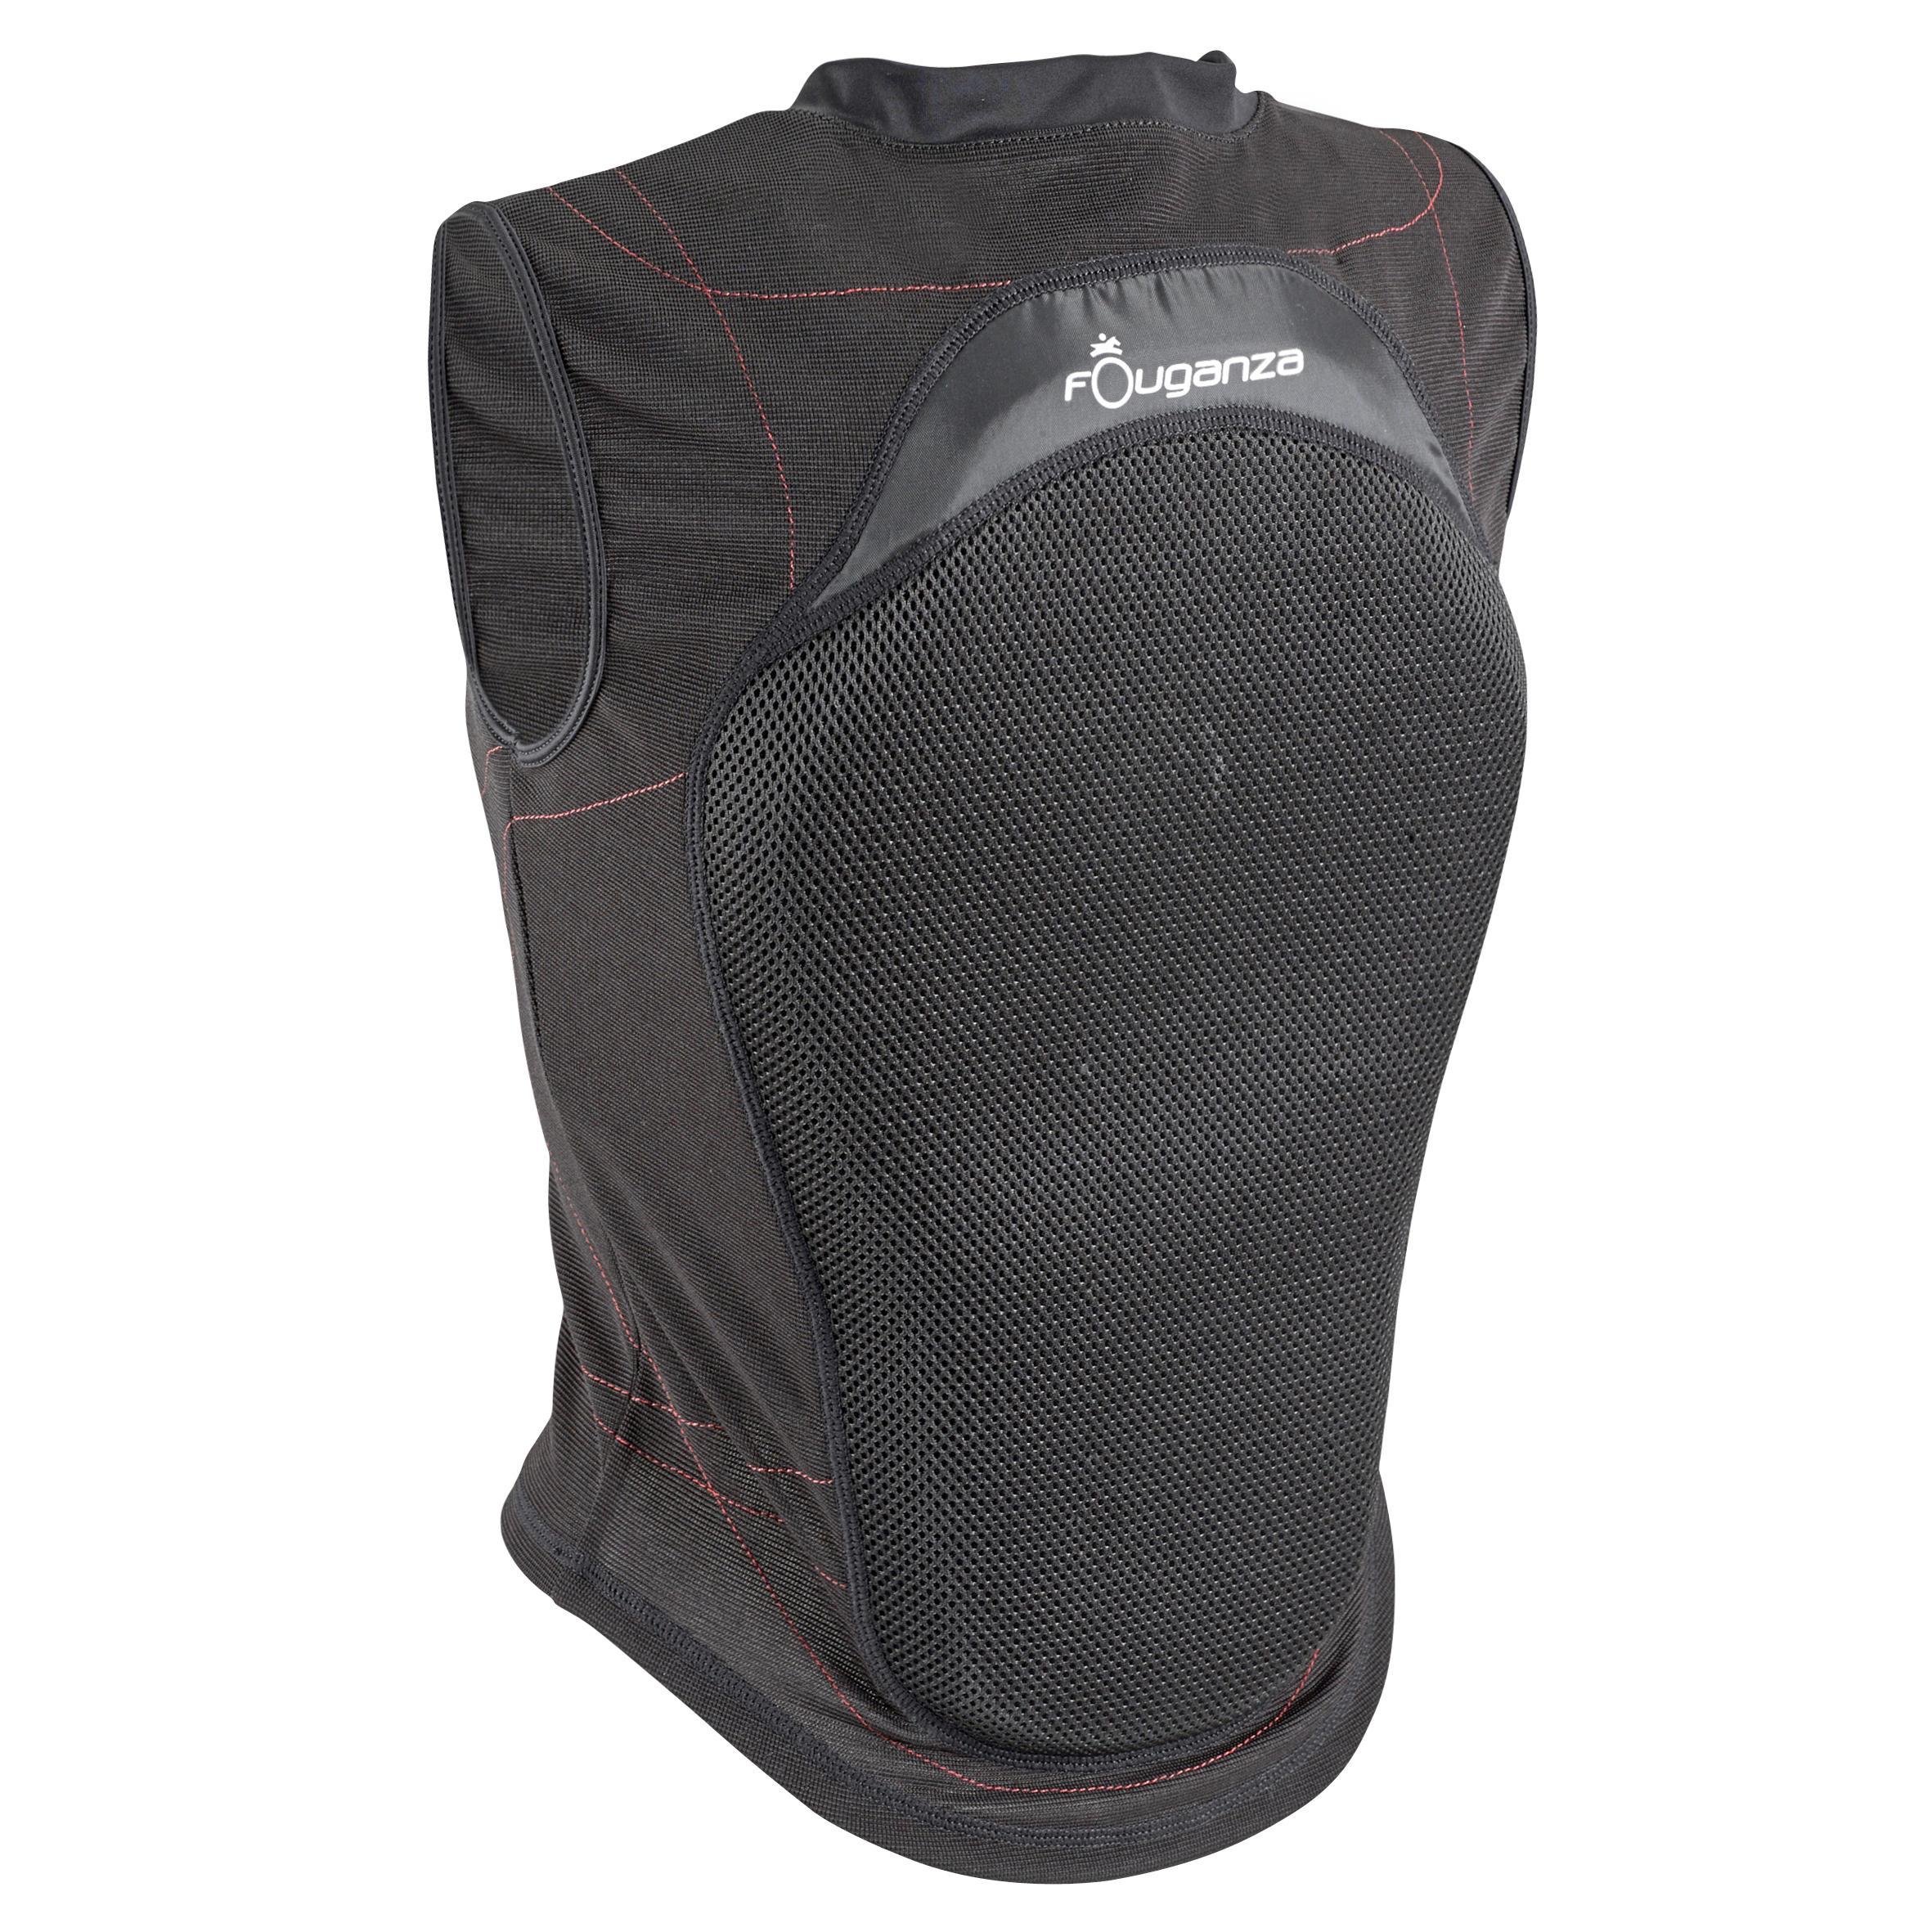 Fouganza Soepele rugbeschermer voor volwassenen en kinderen ruitersport zwart thumbnail